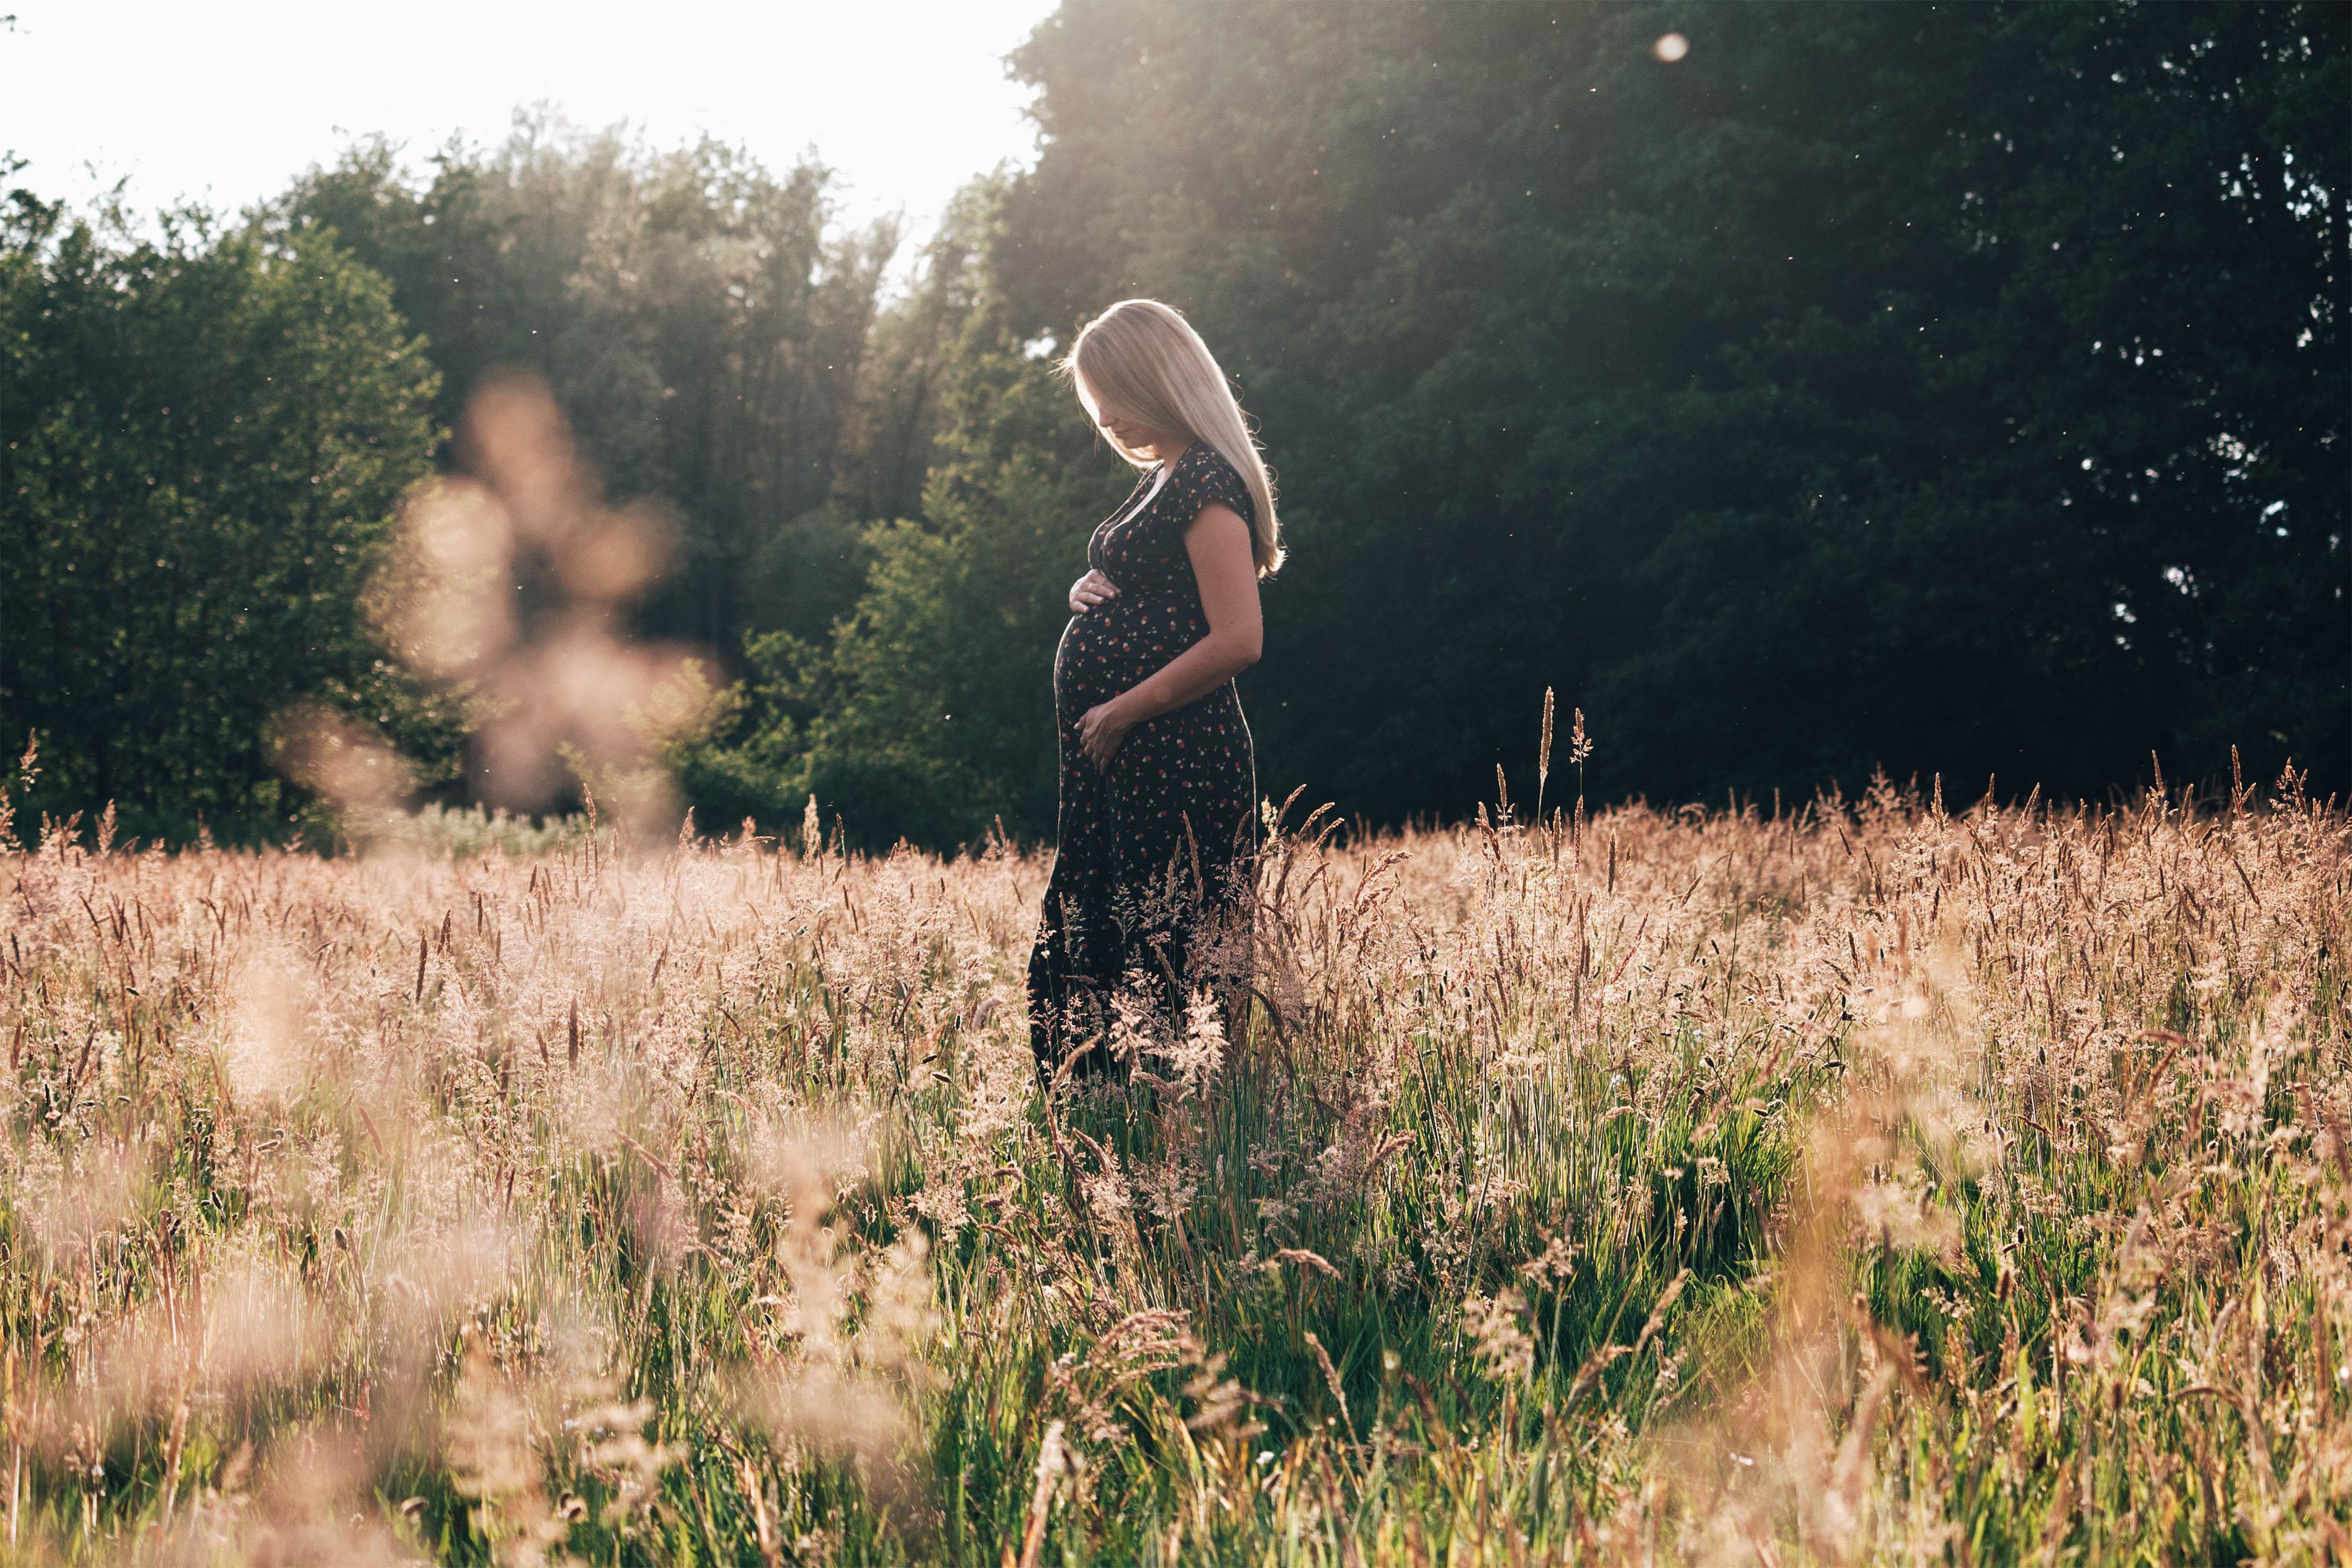 zwangerschap zwangerschapsshoot zwanger louispetit